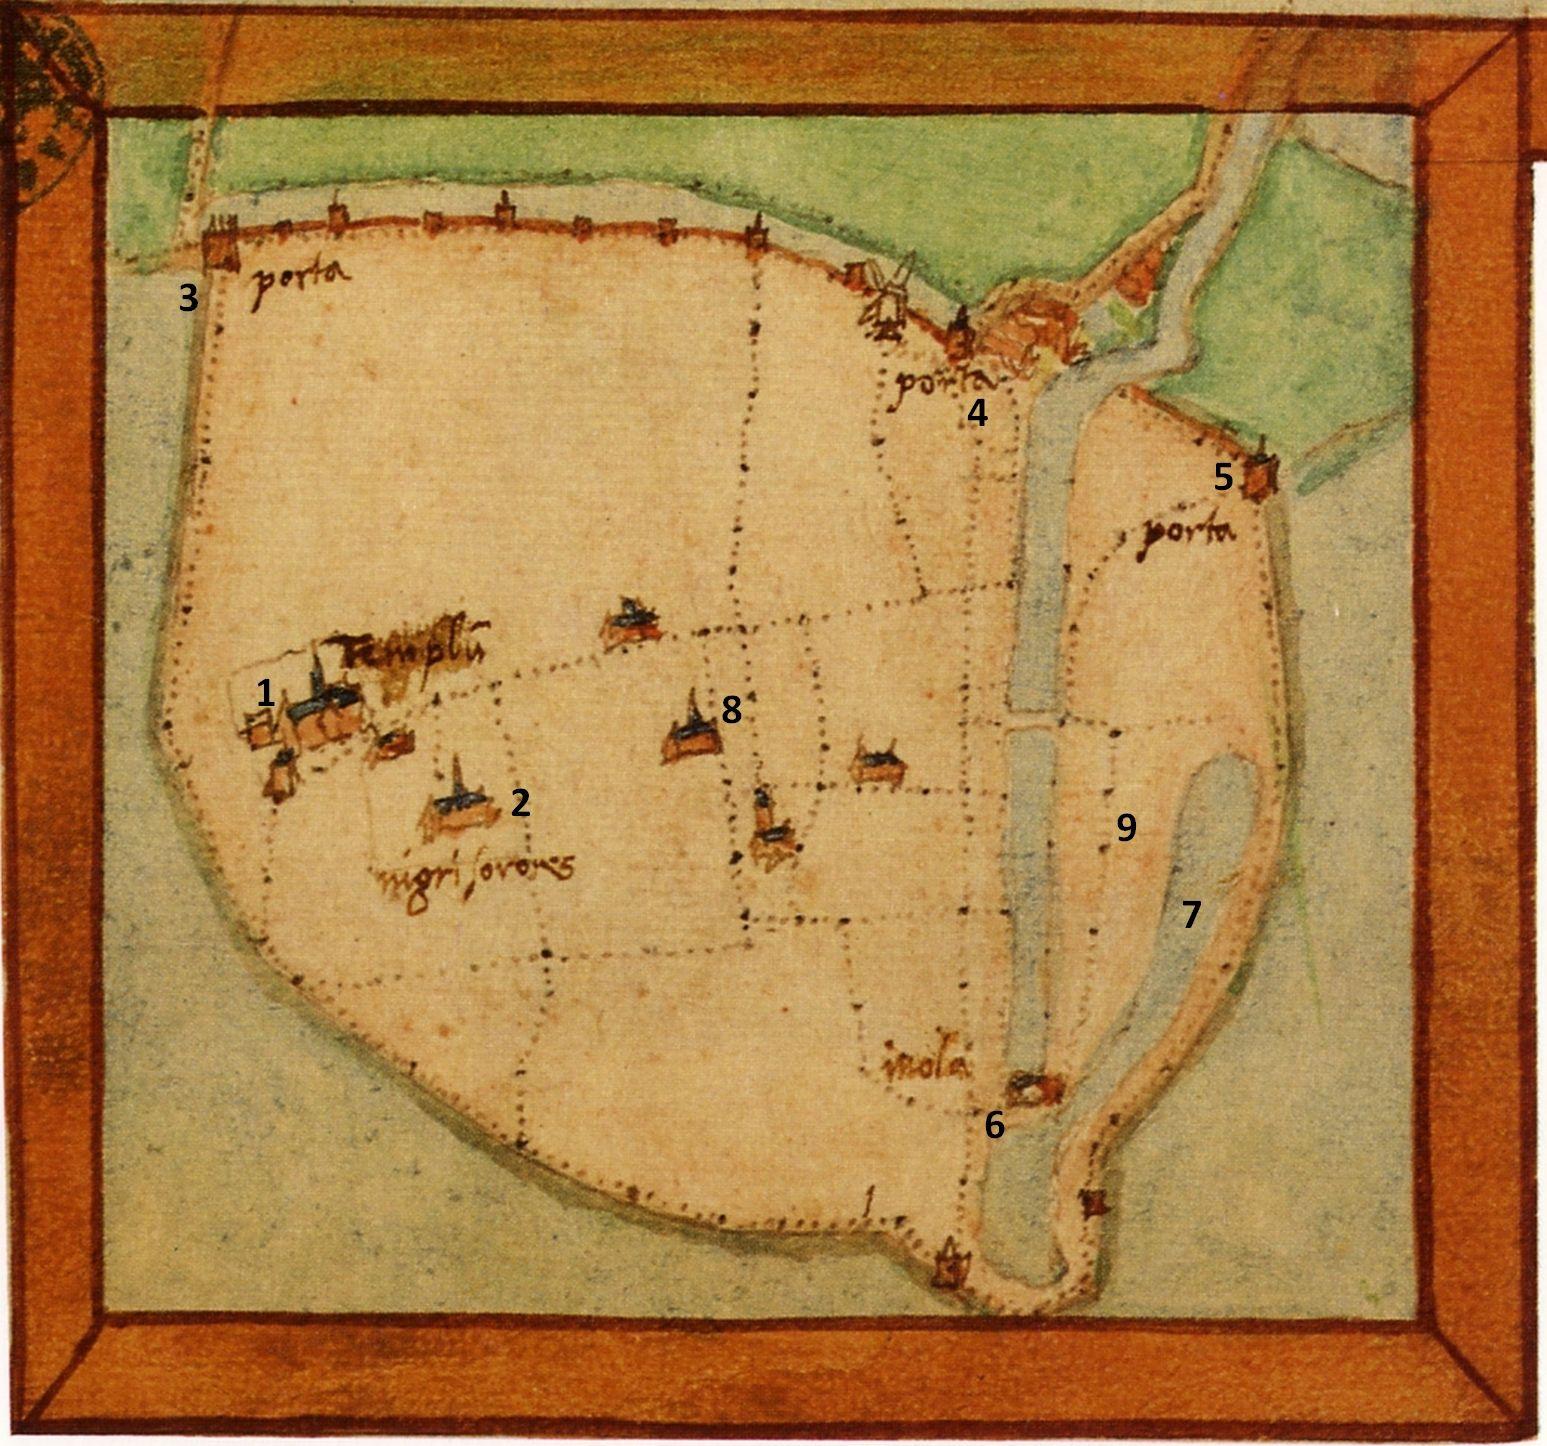 Plattegrond Reimerswaal; J. van Deventer ca. 1565. Legenda (Van der Krogt 1995): 1 Parochiekerk, 2 Klooster Cellezusters, 3 Wester- of Koepoort, 4 Noord-, Vrouwen- of Waterpoort, 5 Oost- of Wittepoort, 6 Getijmolen, 7 Molenwater, 8 Markt, 9 Zoutketen.